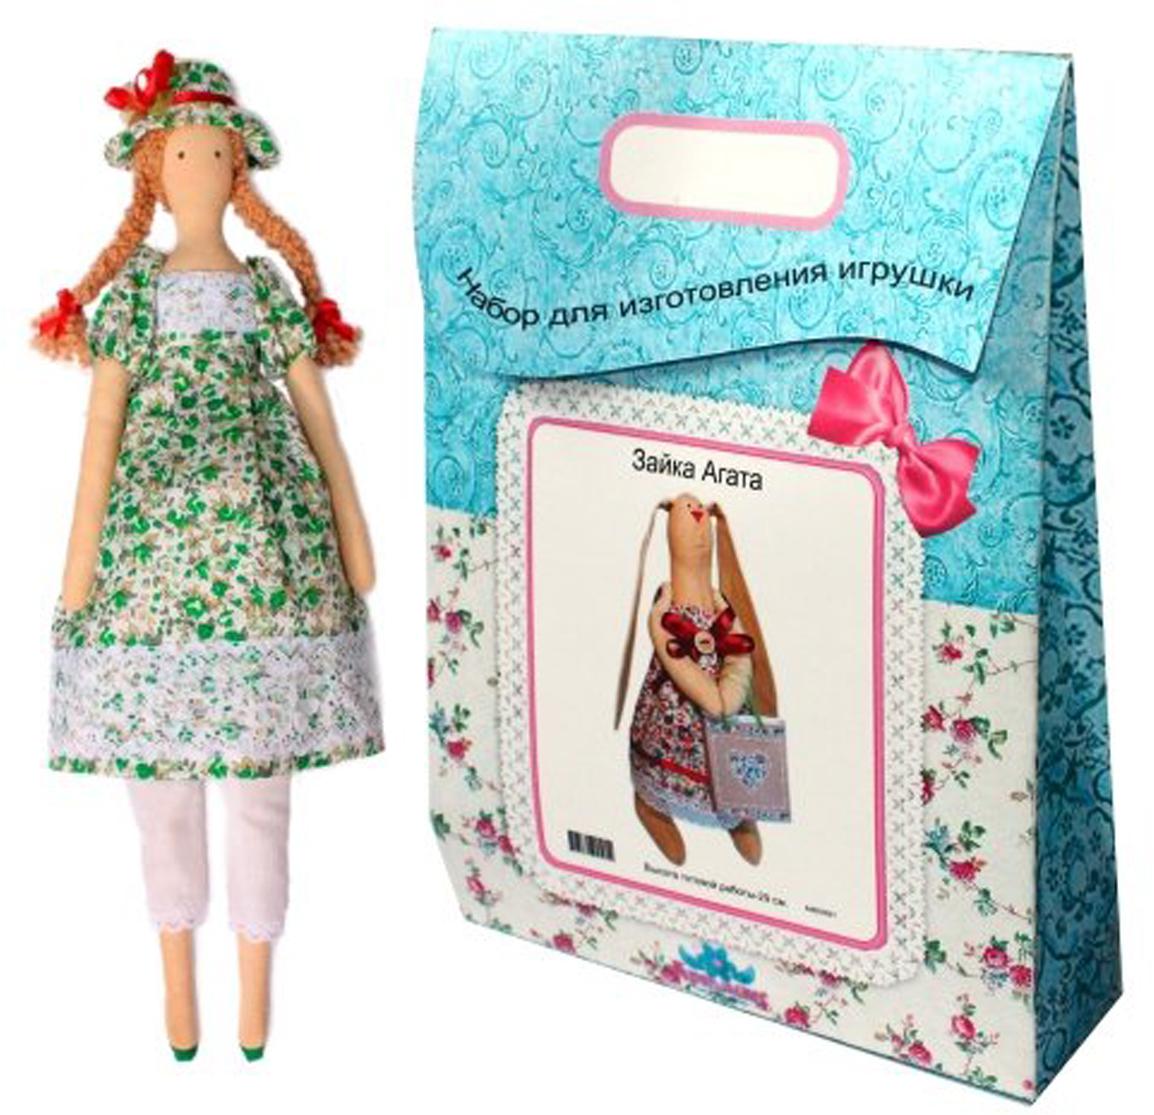 Подарочный набор для изготовления текстильной игрушки  Анастасия , 42 см - Игрушки своими руками